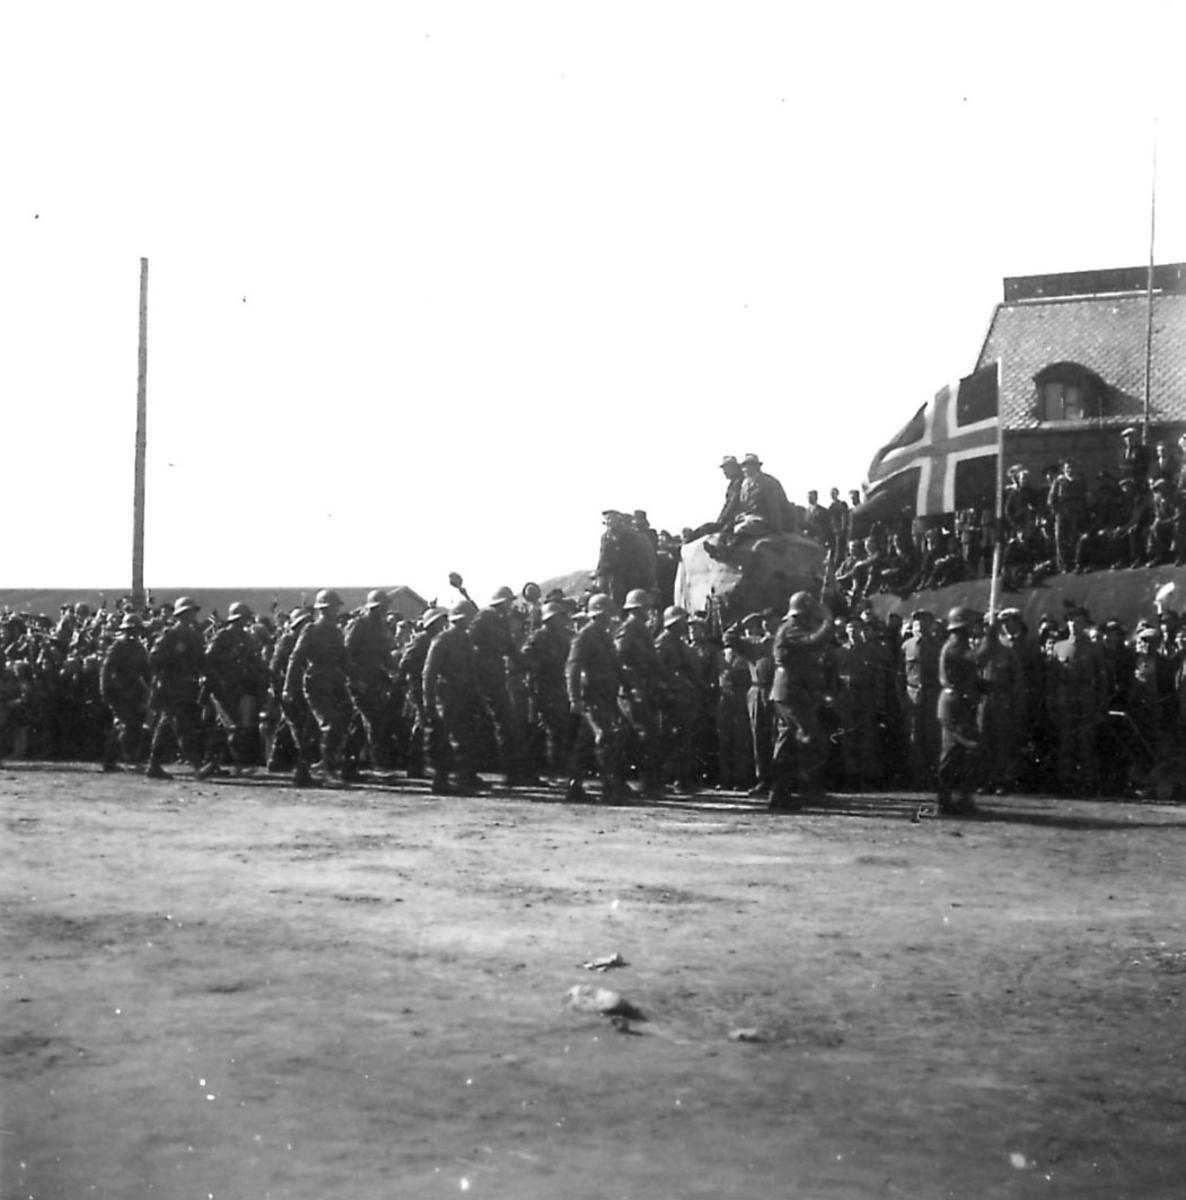 Frigjøringsdagene i Bodø etter krigen 1940 - 1945. Fra kaiområdet. Mange soldater marsjerer.